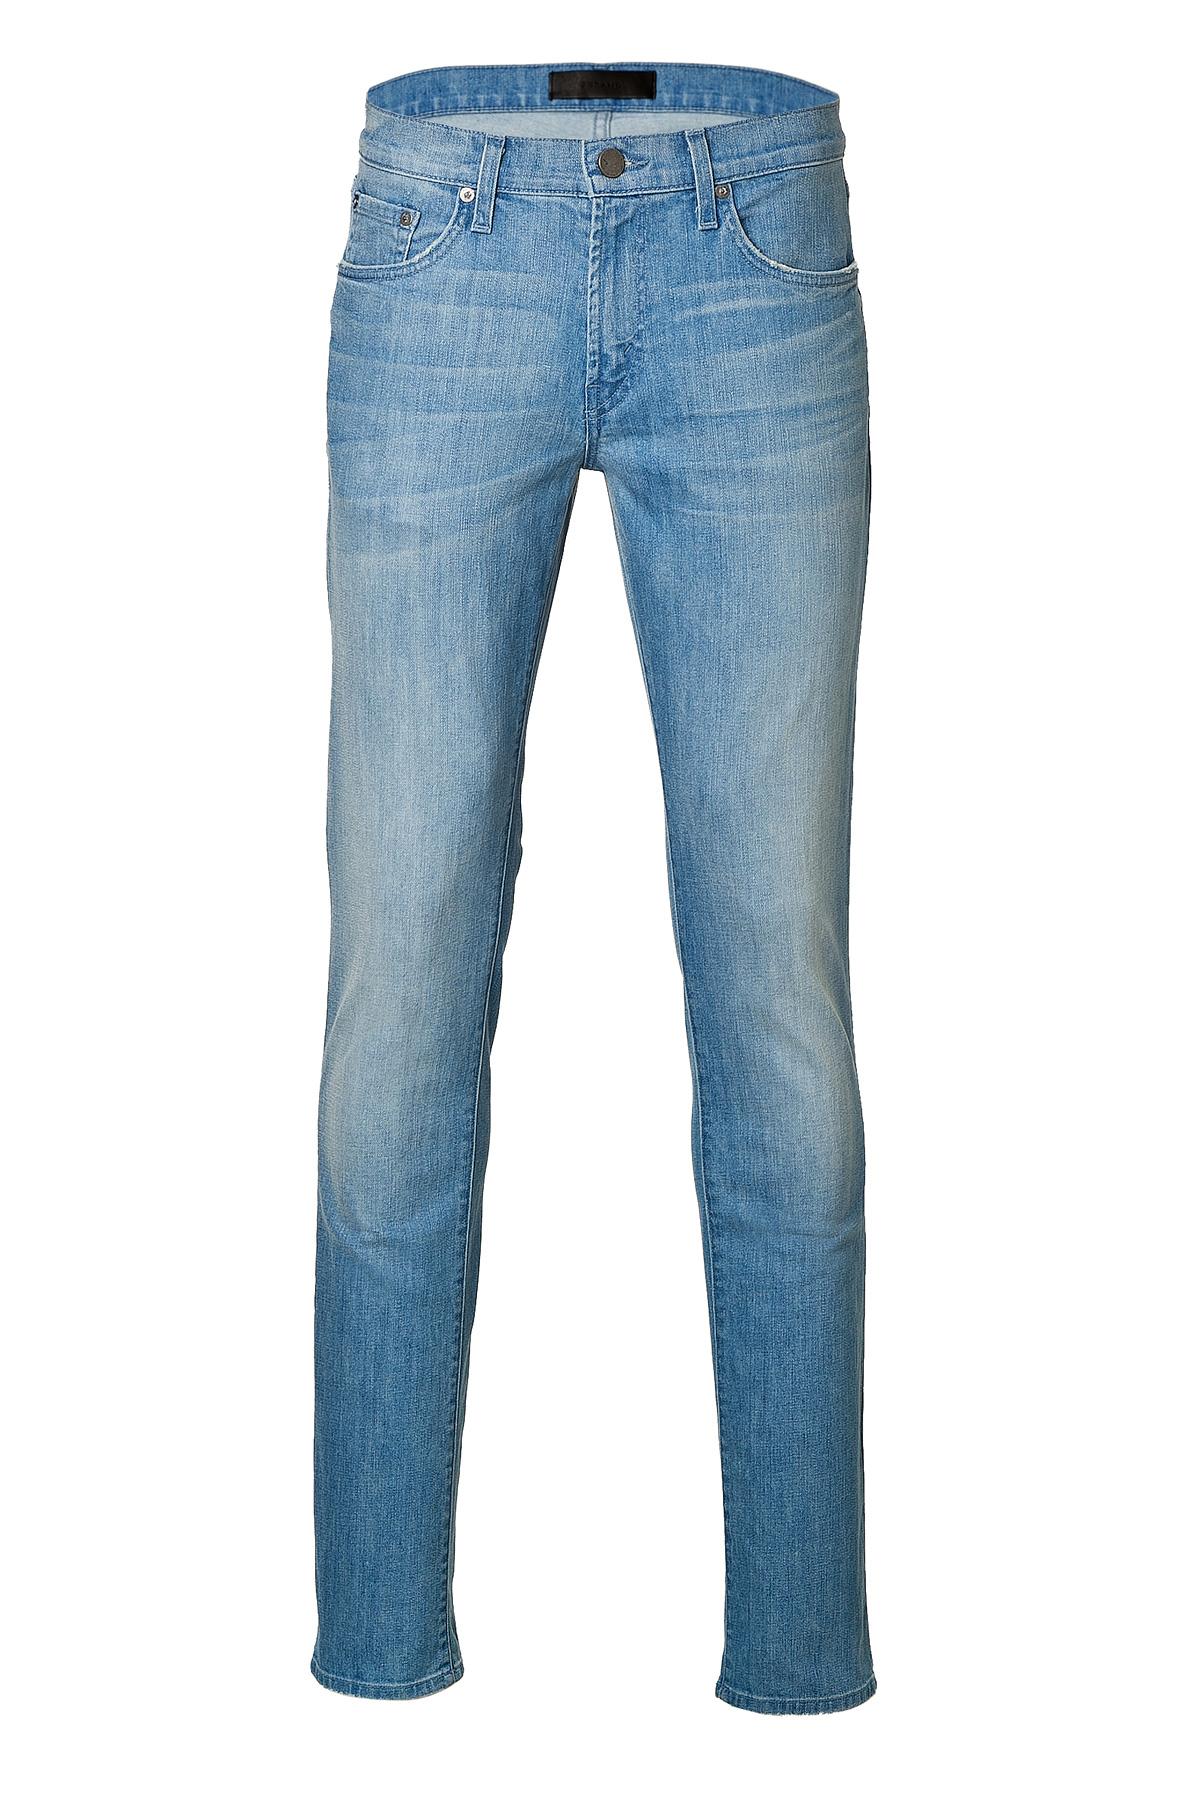 j brand slim jeans tyler in blue for men lyst. Black Bedroom Furniture Sets. Home Design Ideas